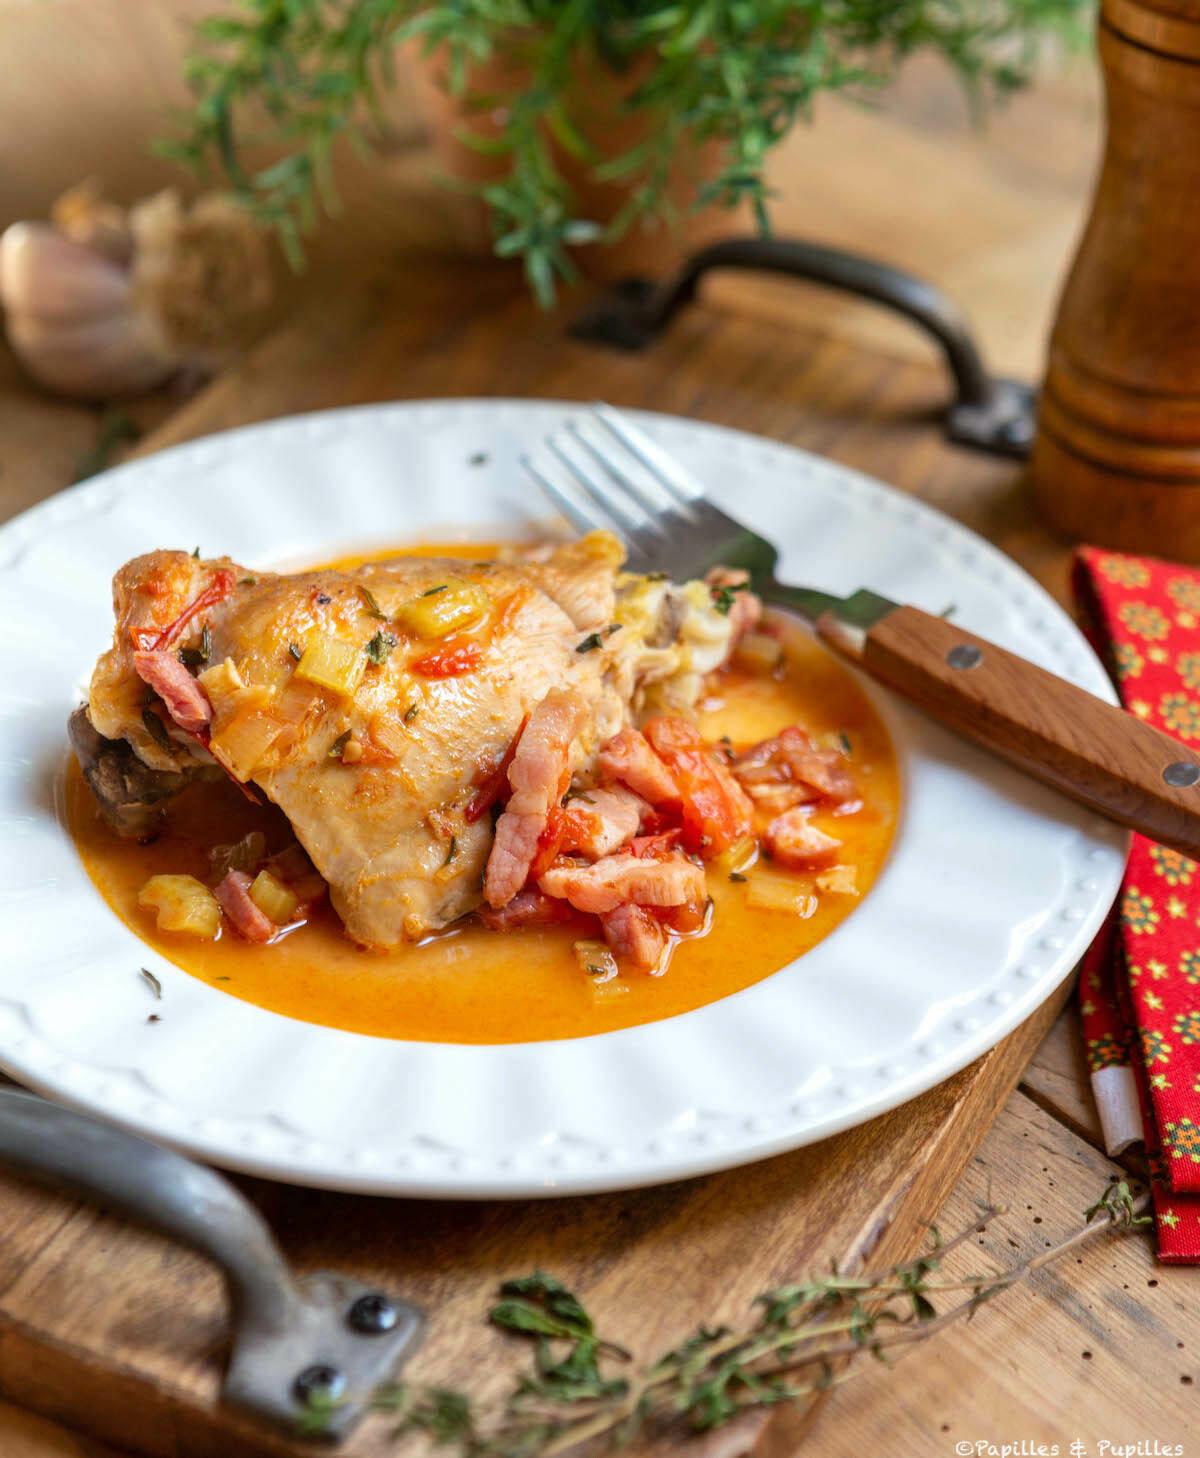 Cuisses de poulet au vin blanc, tomates et thym